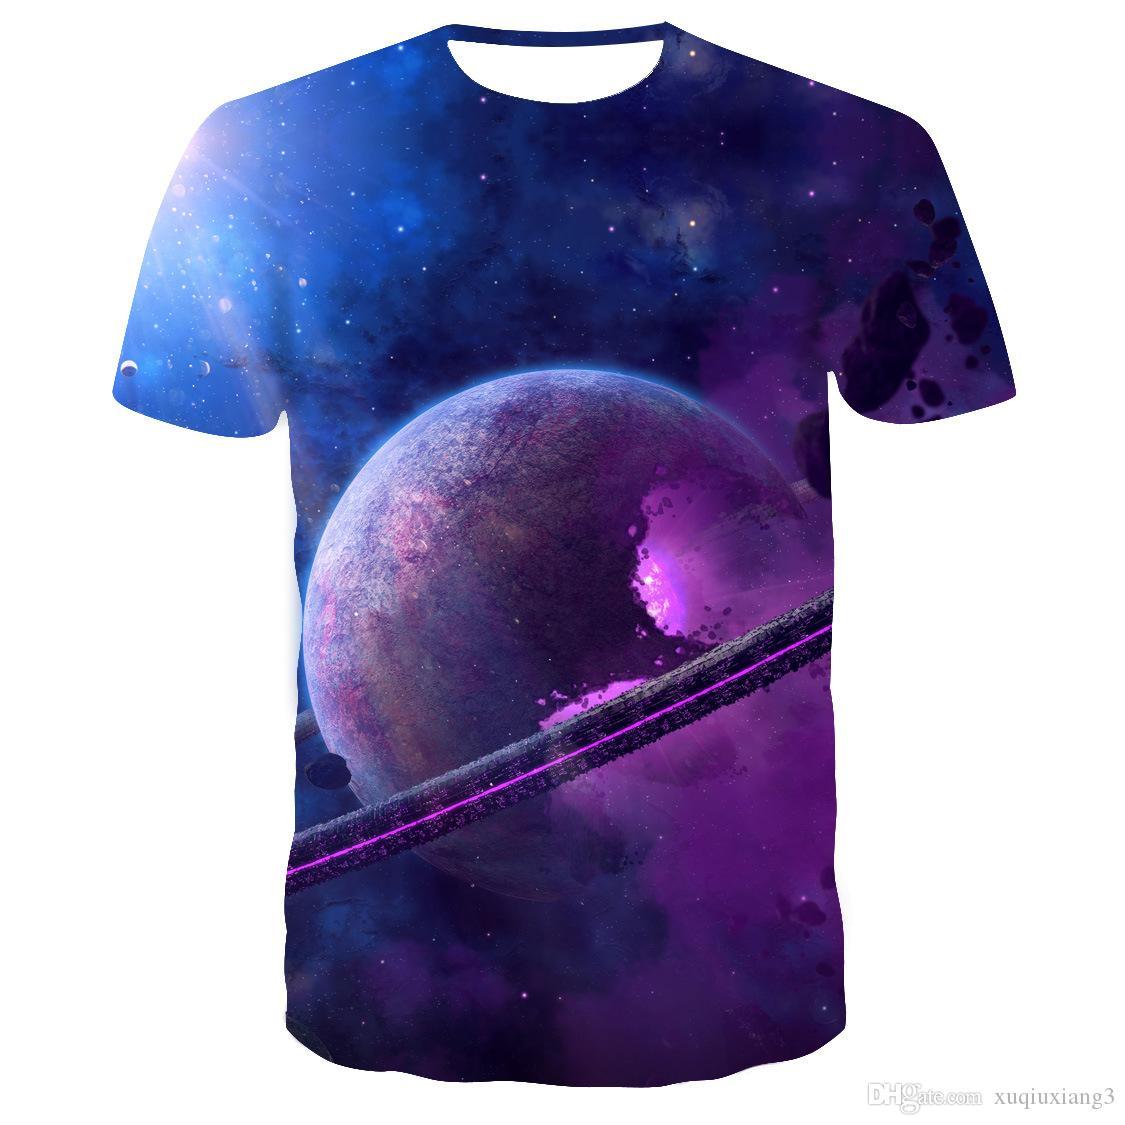 الصيف نمط رجل t قميص 3D الطباعة ستار غالاكسي الكون الفضاء الطباعة الملابس للرجال بأكمام قصيرة الأعلى تيز تي شيرت S-6XL